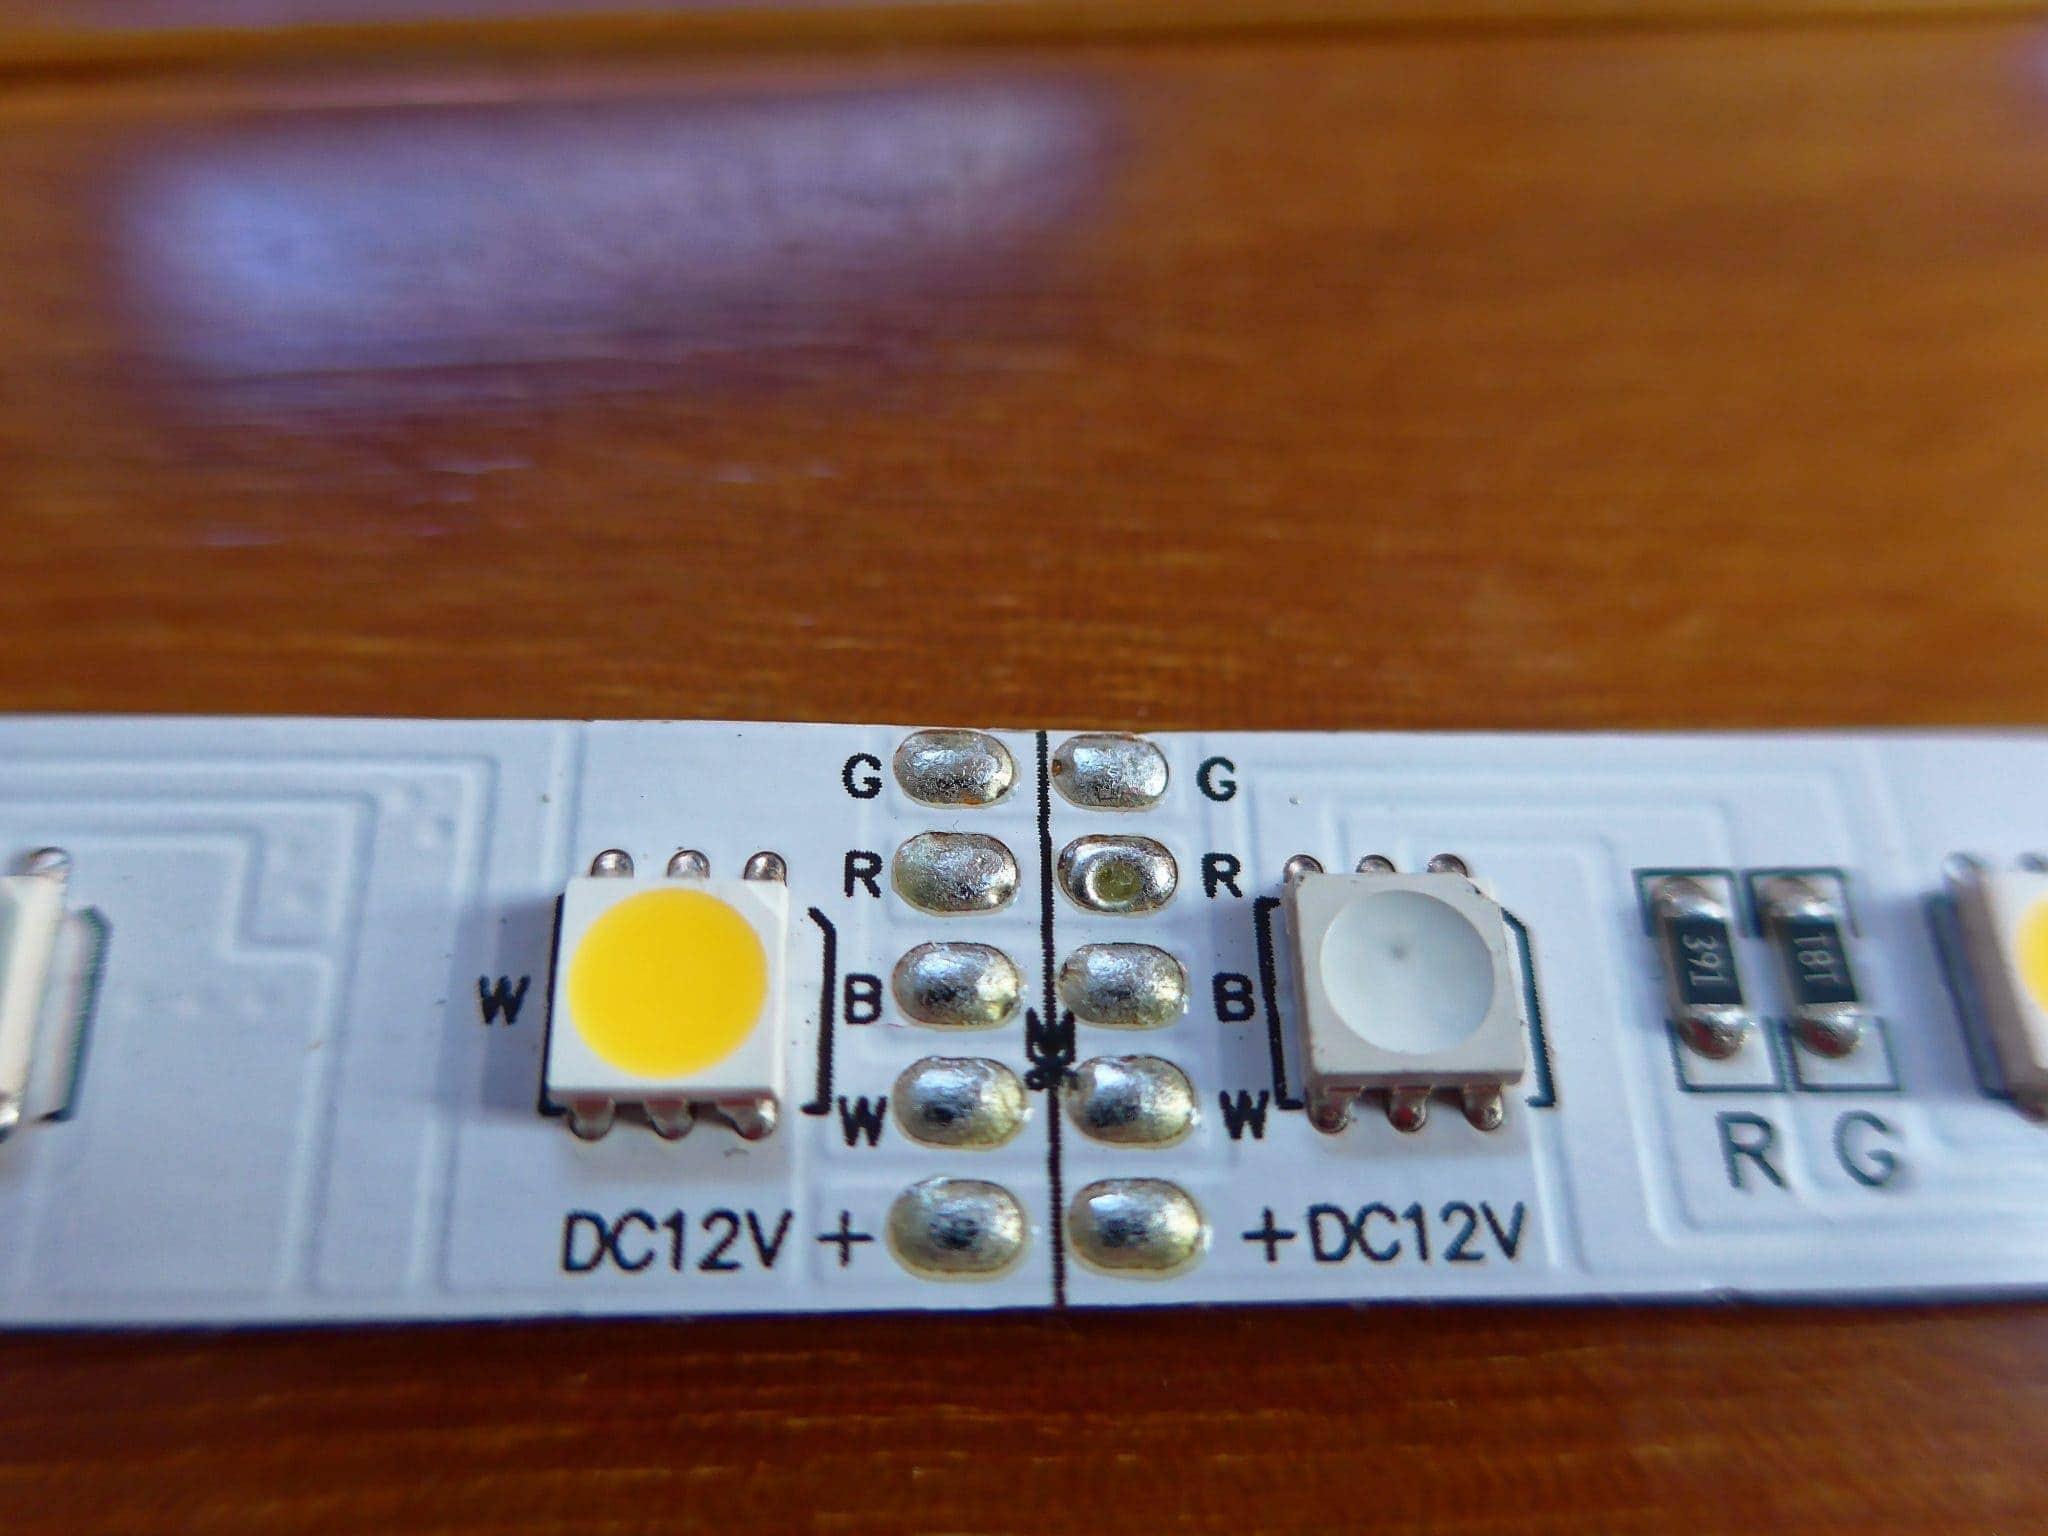 LED strip unboxed close up cut